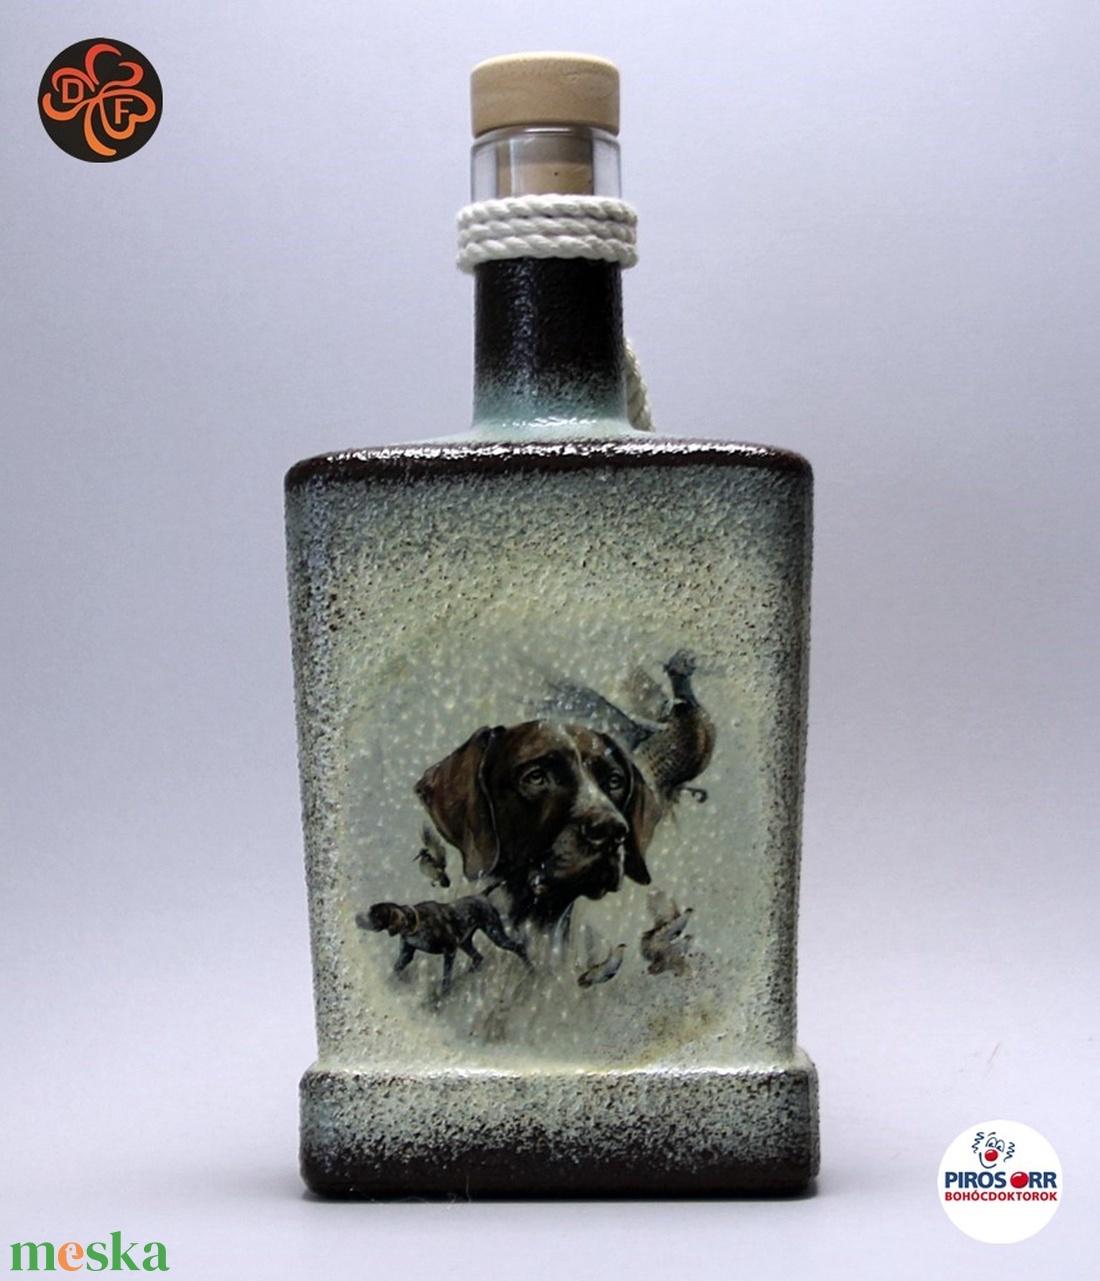 Vadászkutya motívummal ( német vizsla )  pálinkás üveg ; A vadászat szerelmeseinek ;Egyedi állat fotóval is ! (decorfantasy) - Meska.hu